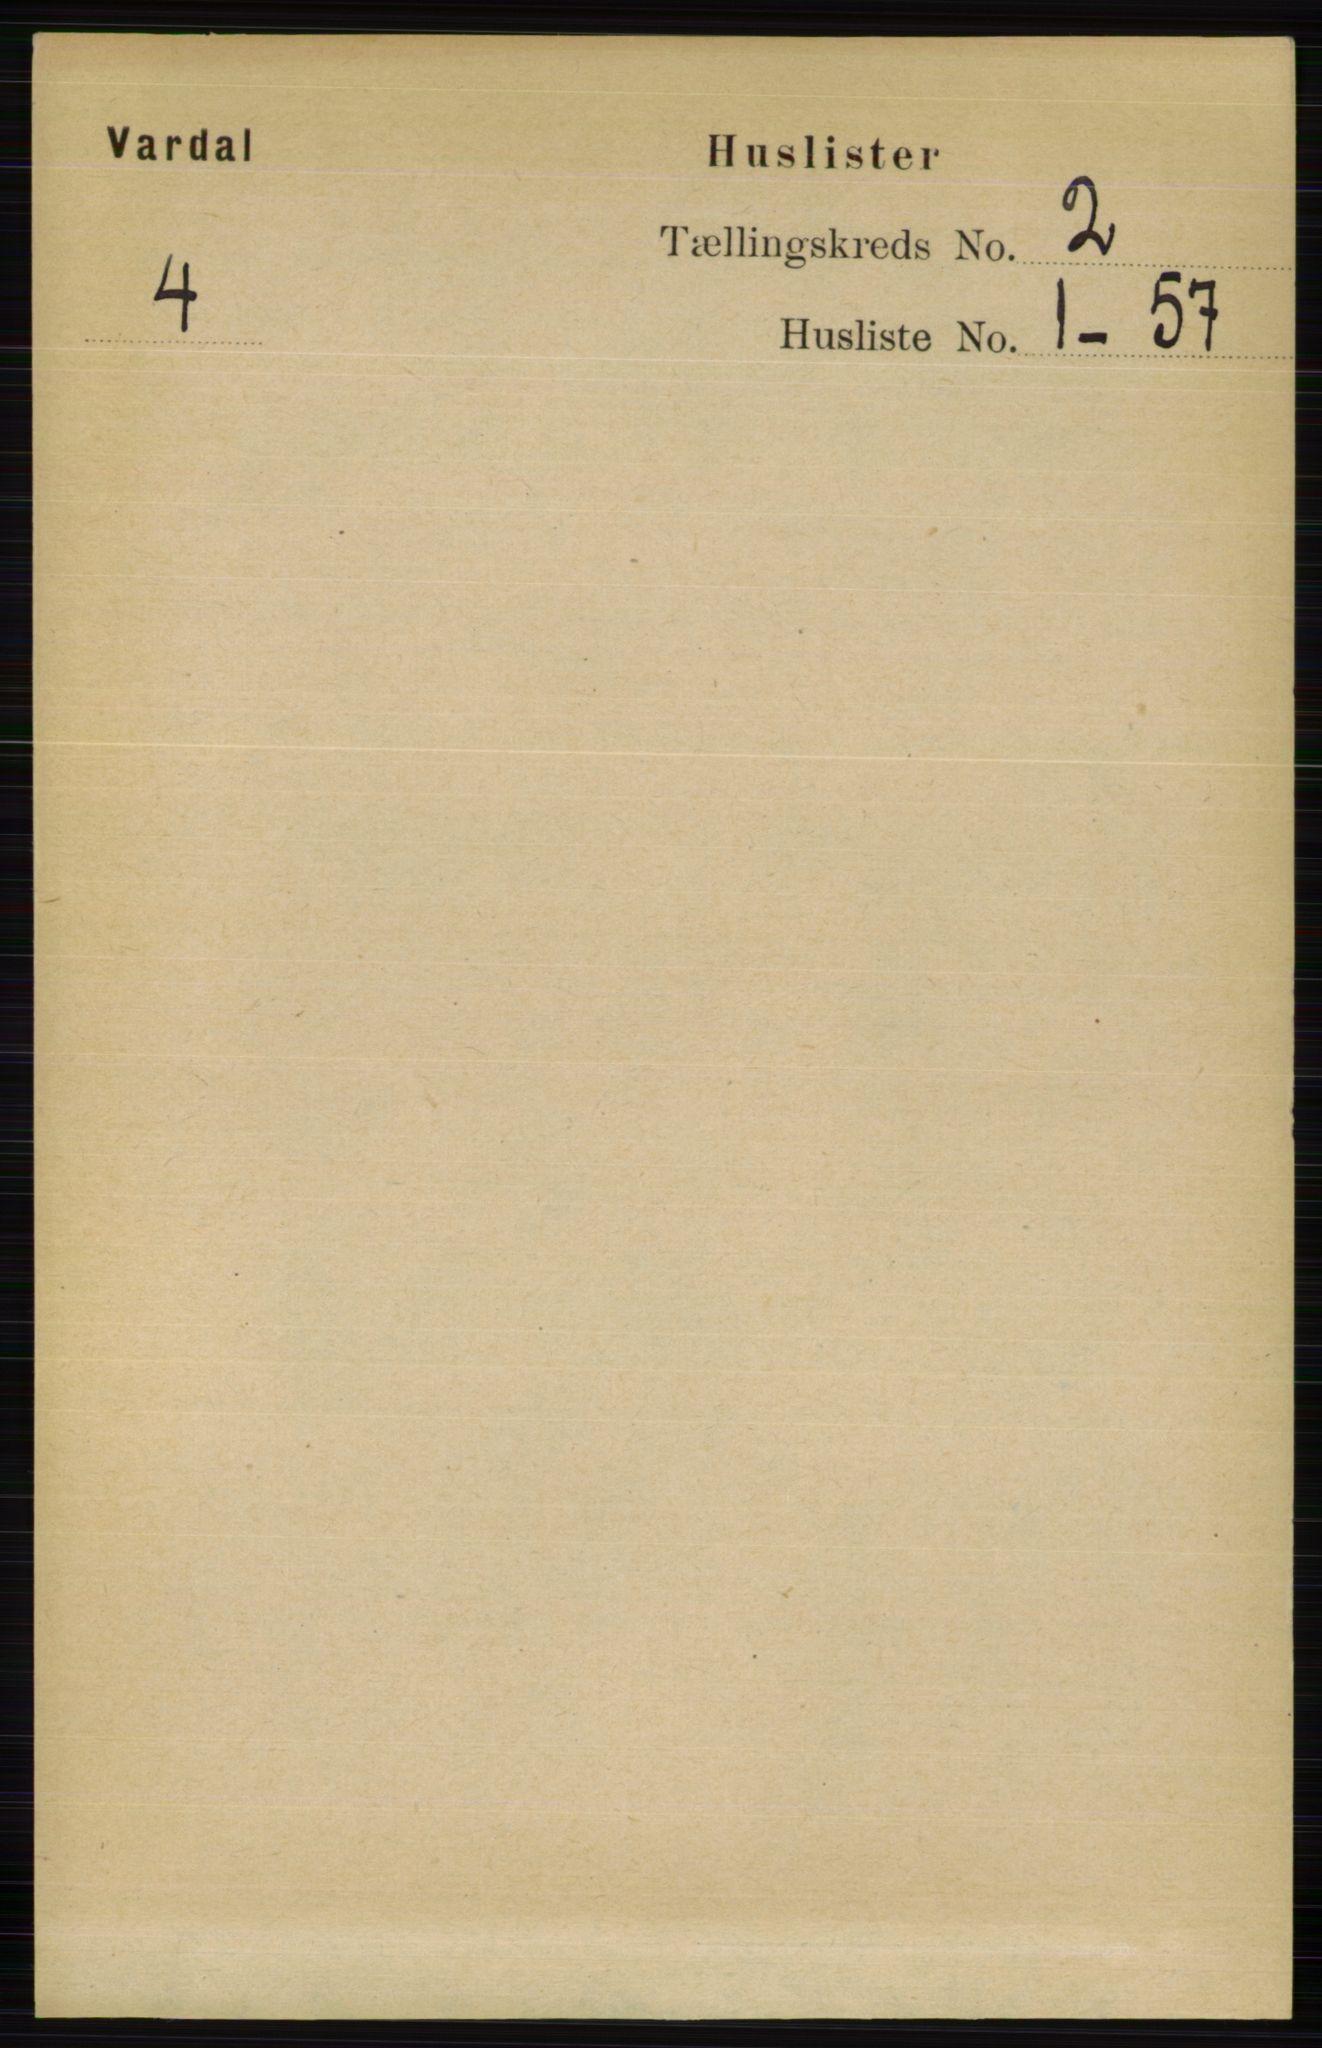 RA, Folketelling 1891 for 0527 Vardal herred, 1891, s. 464